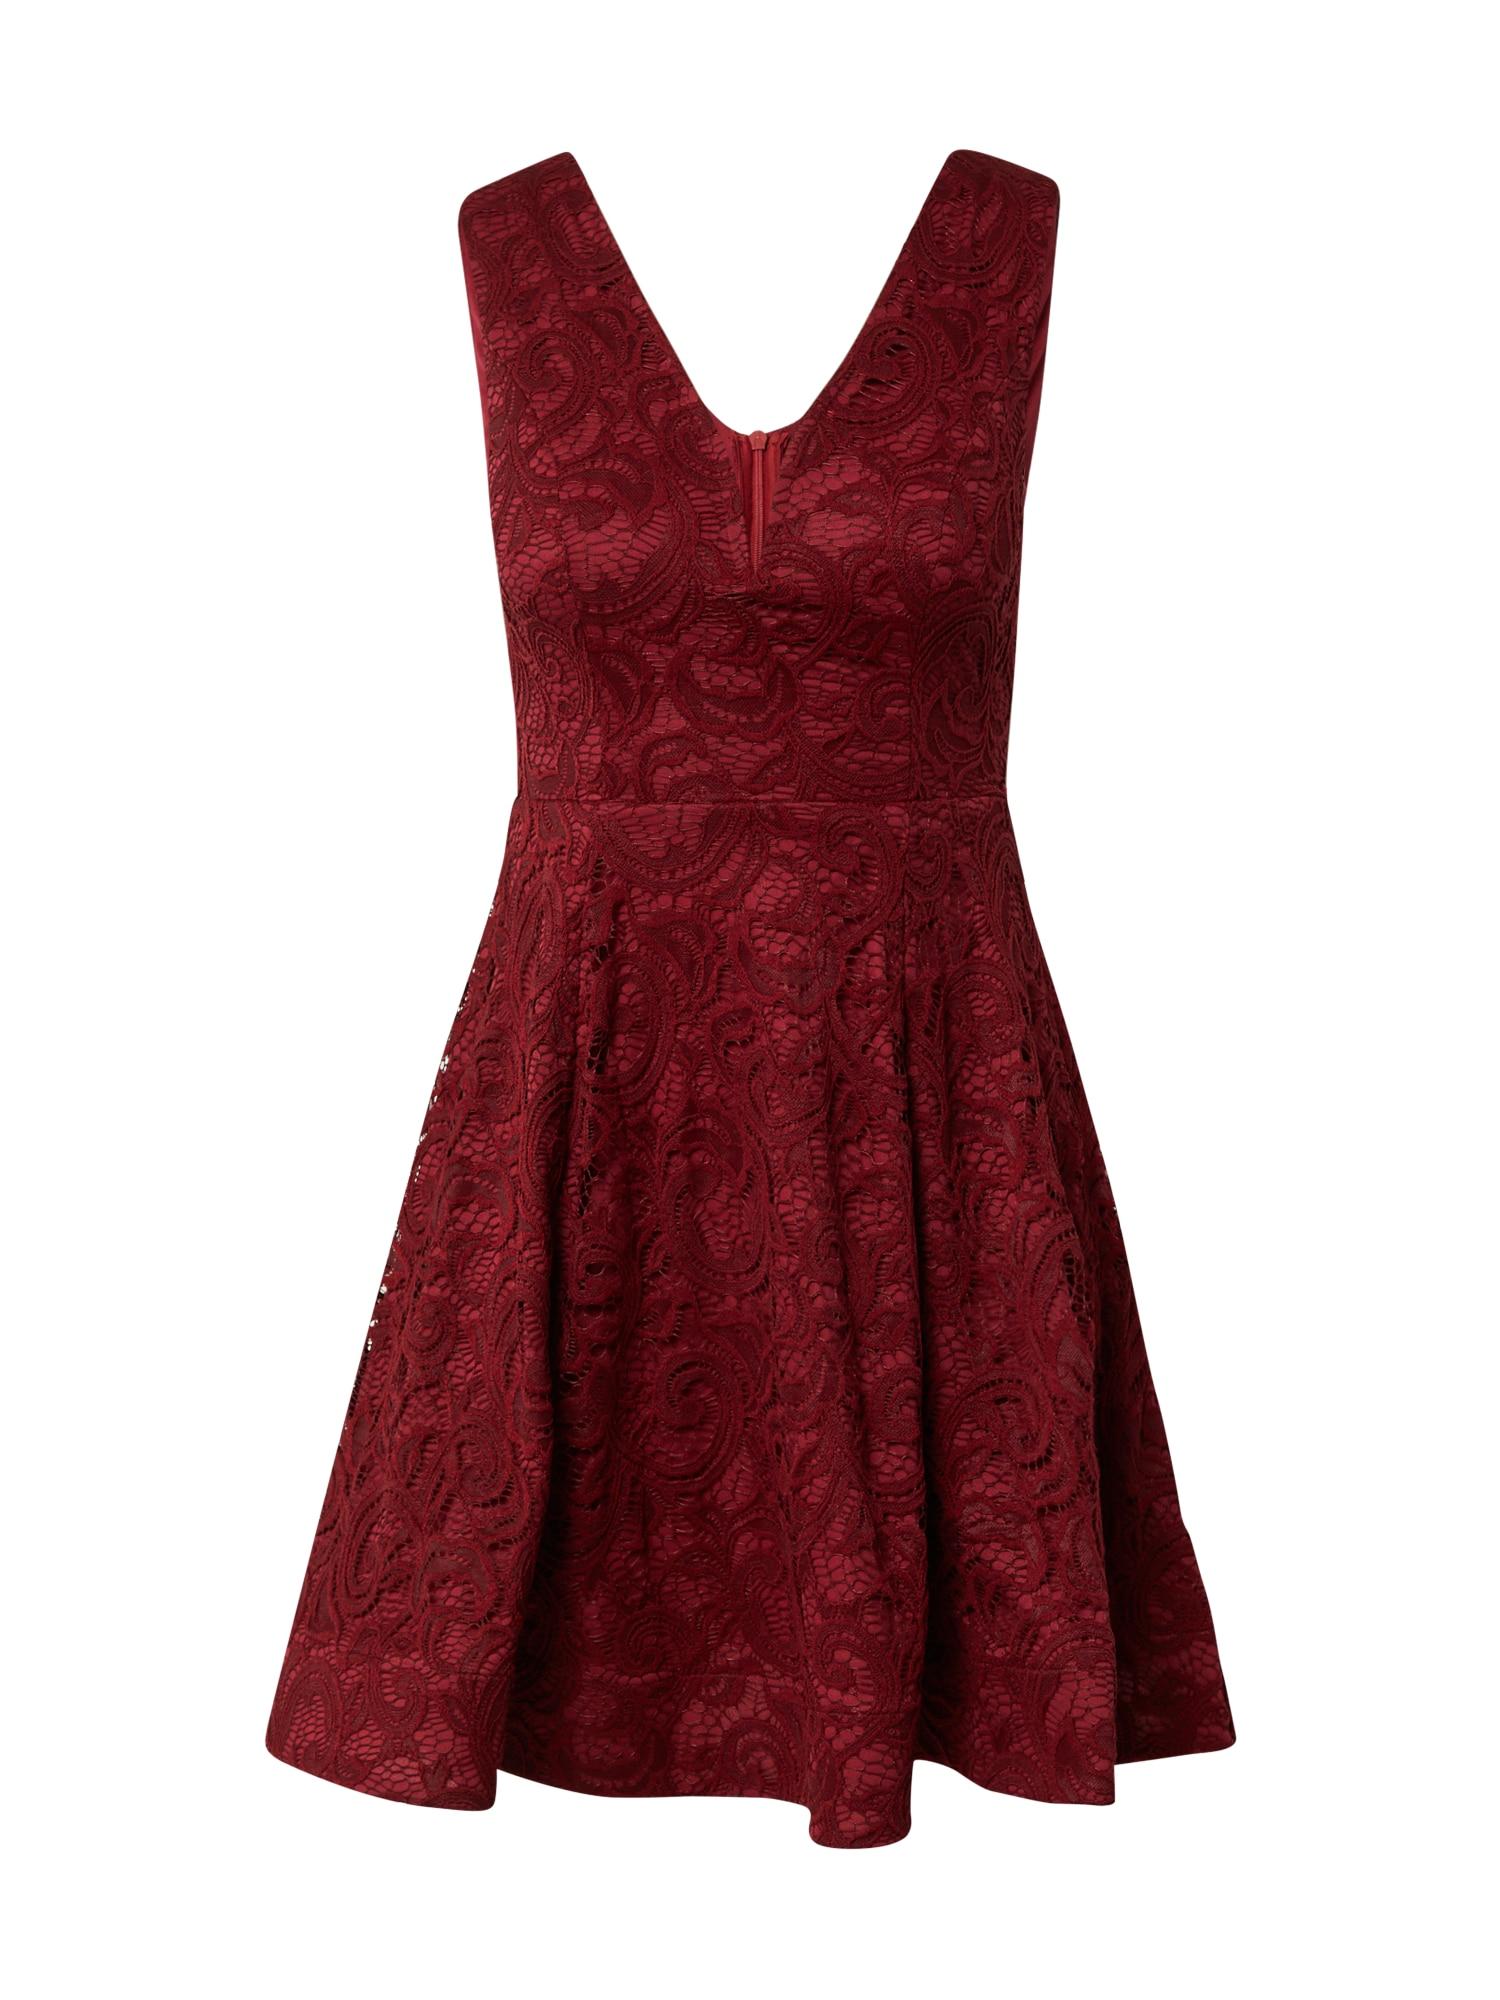 Skirt & Stiletto Suknelė vyno raudona spalva